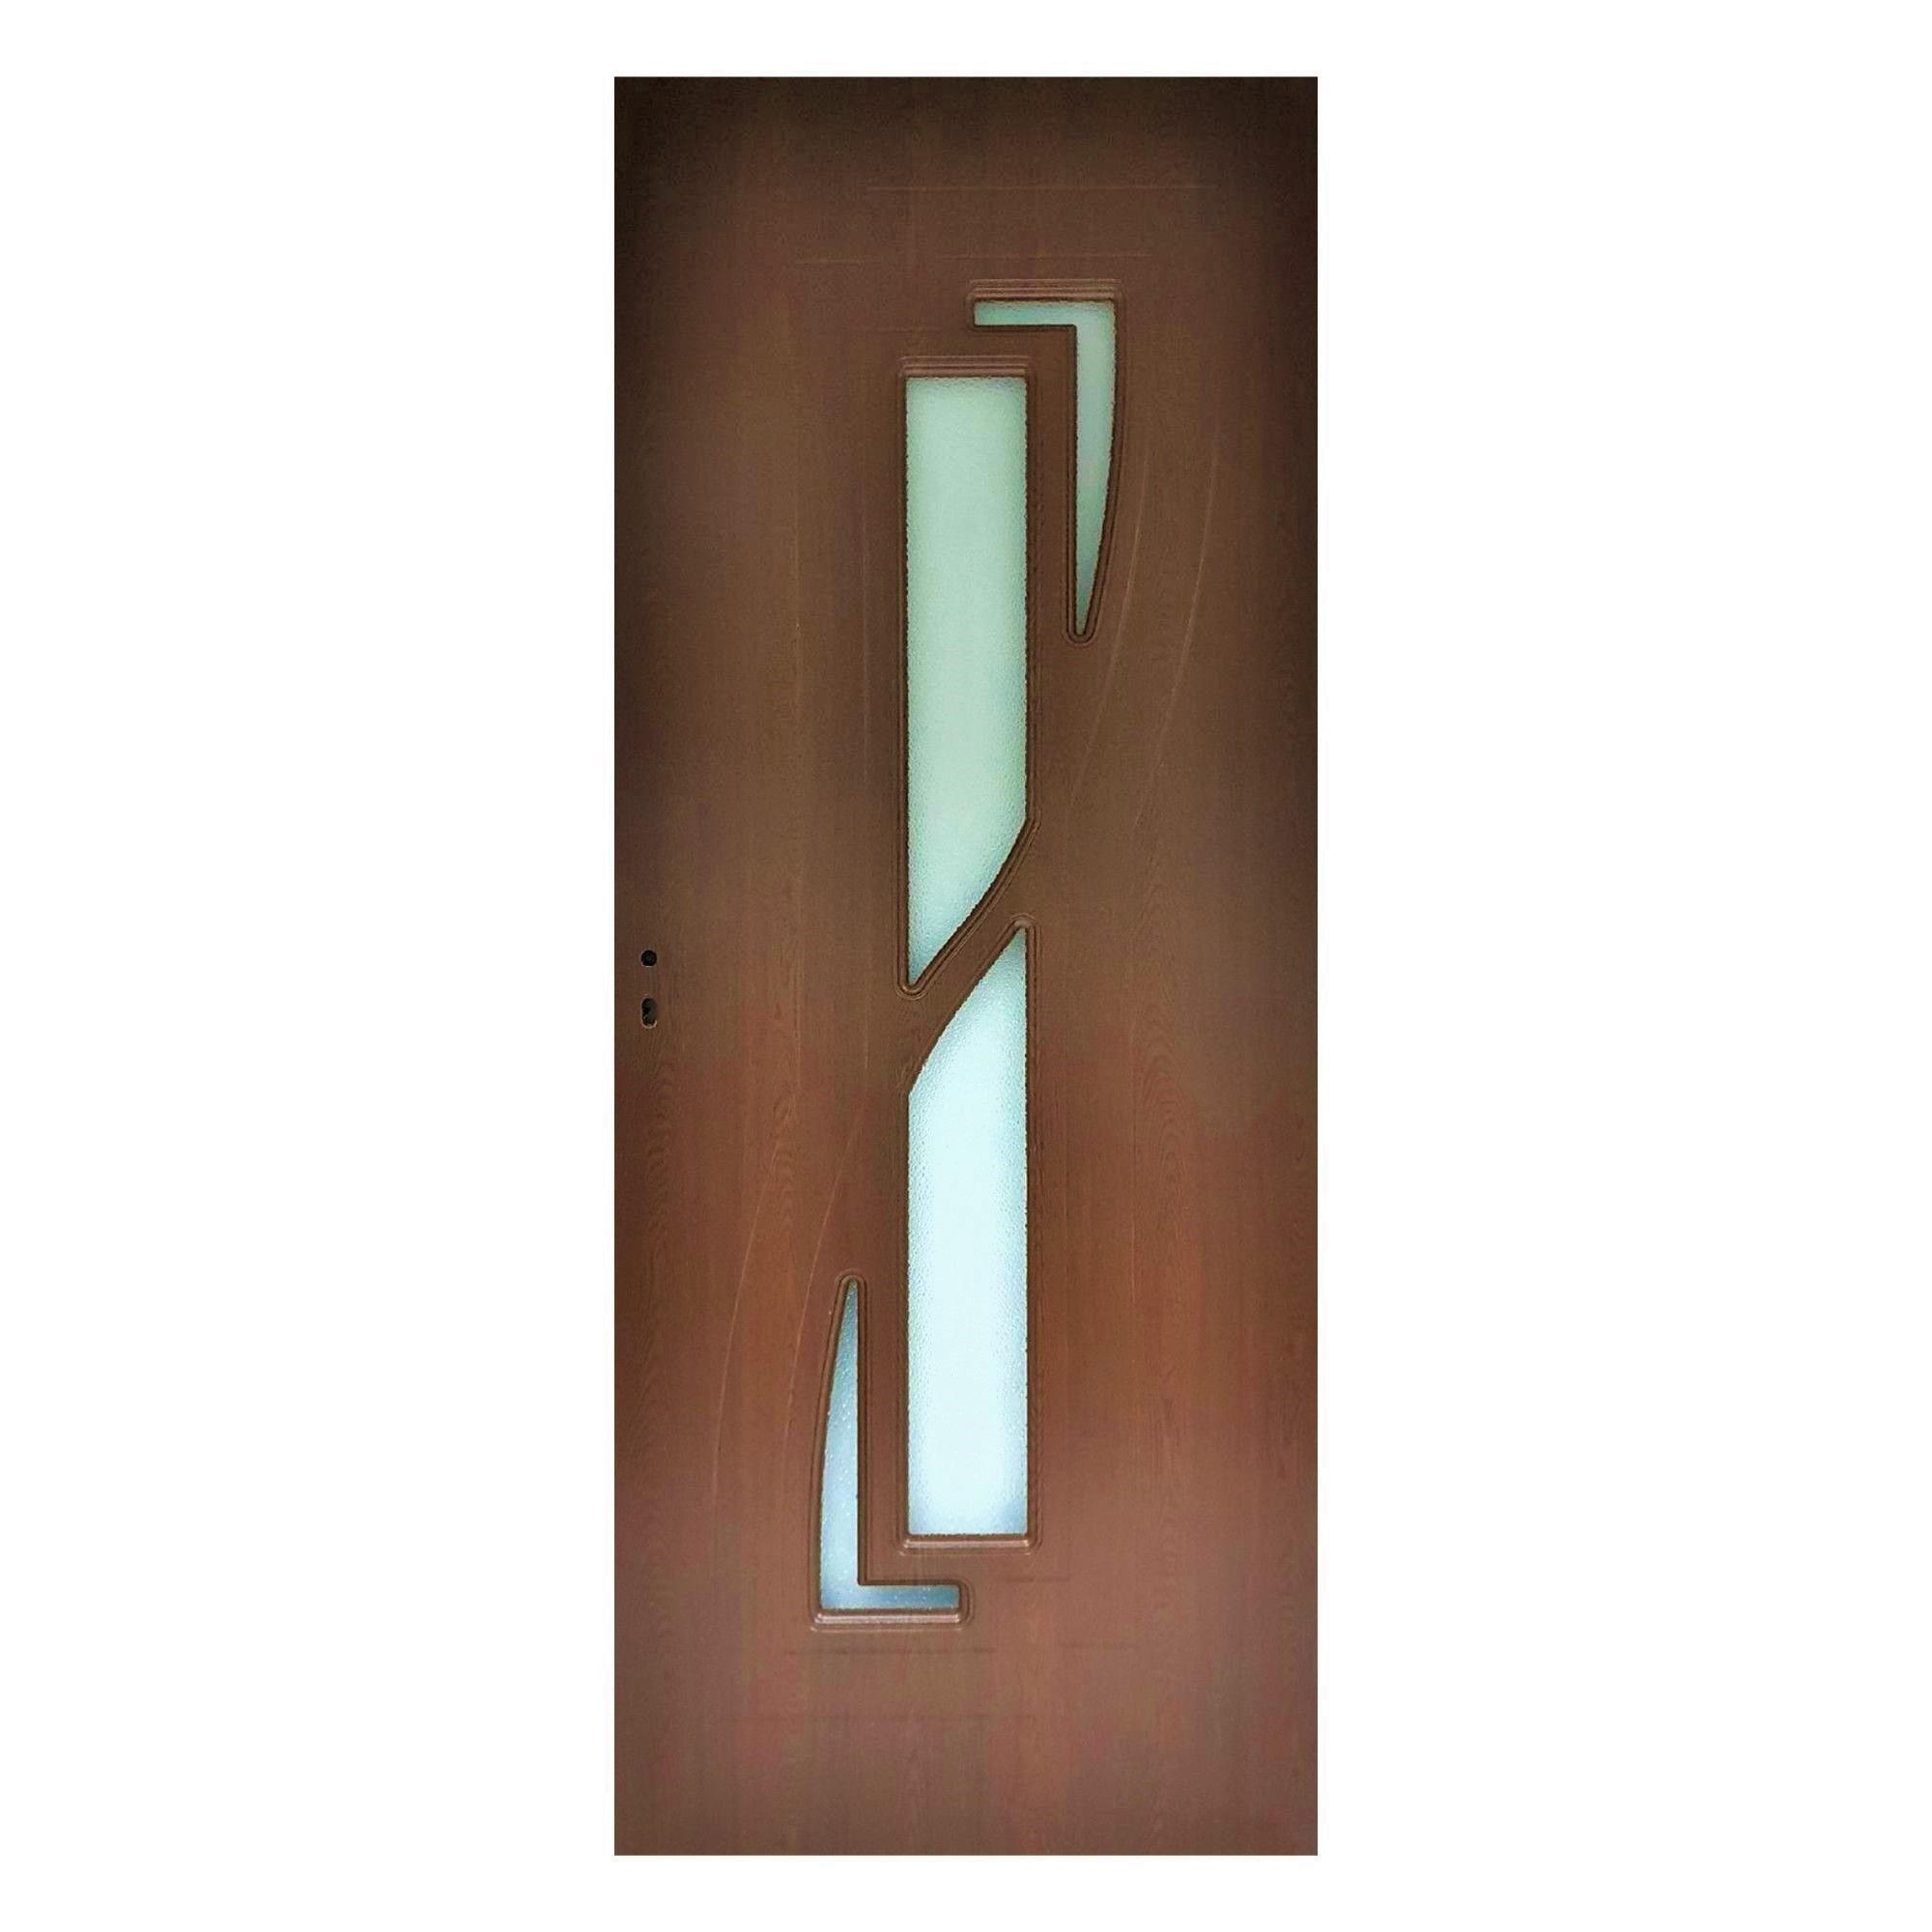 Usa interior cu geam Pamate M042, stejar auriu, 203 x 70 x 3,5 cm + toc 10 cm, reversibila